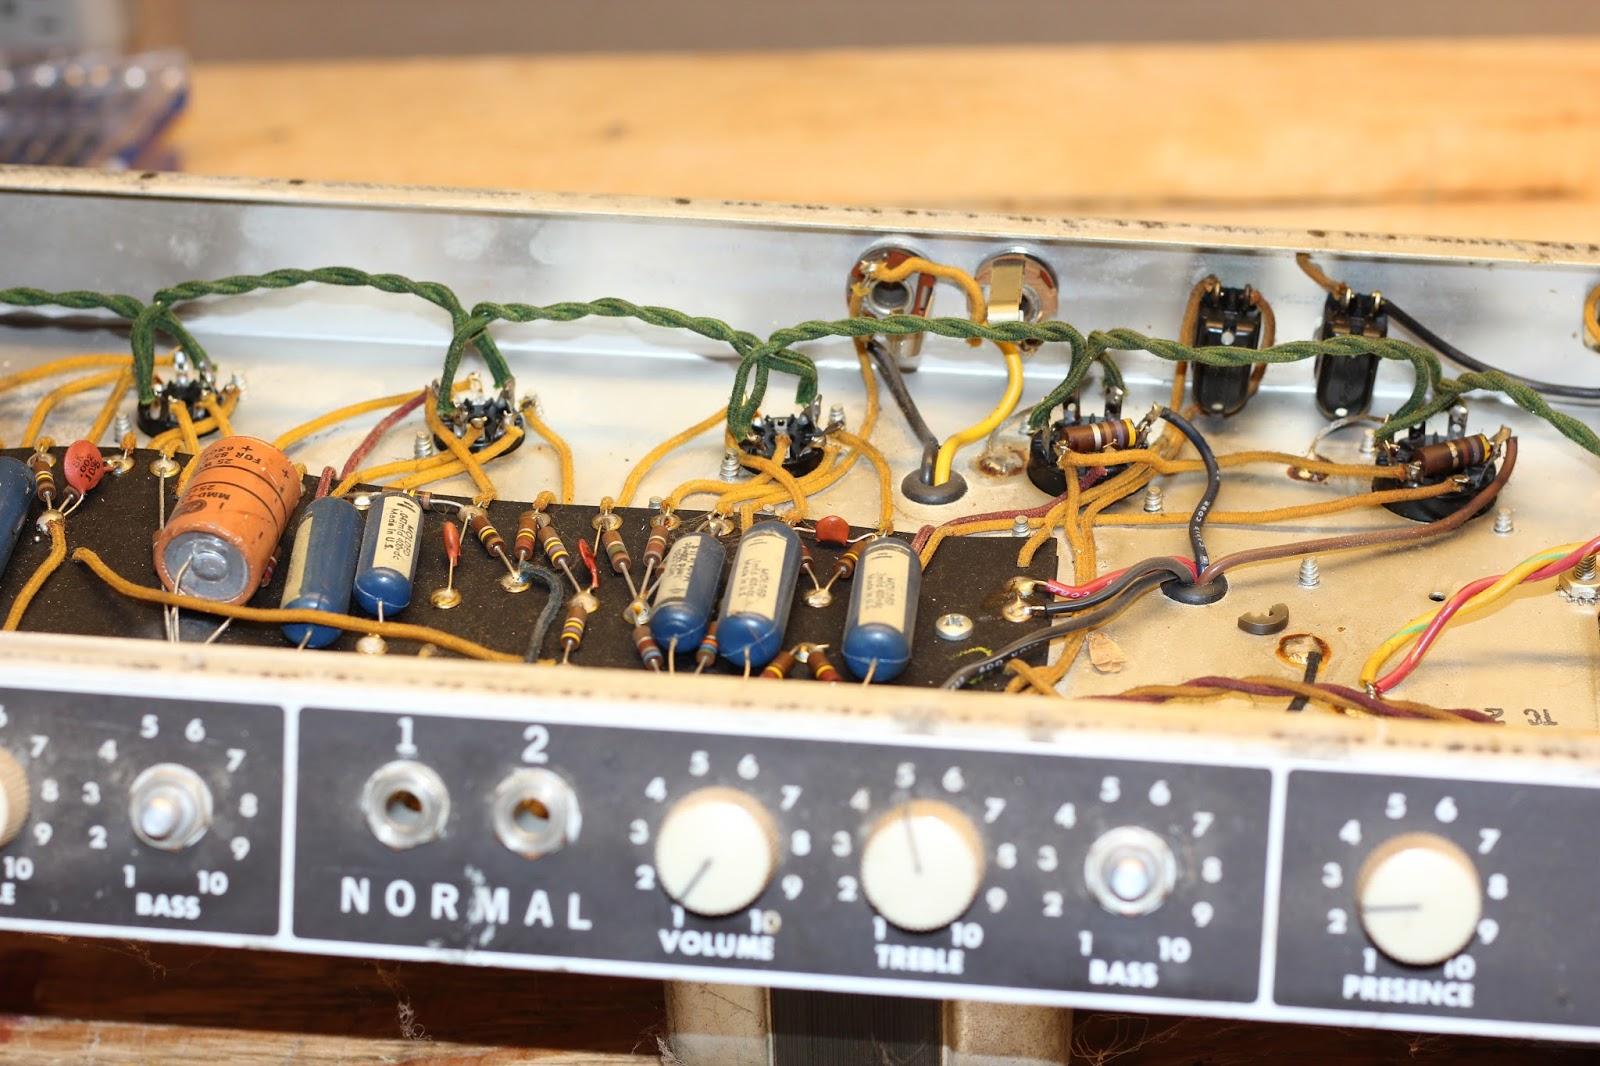 63 Fender Bassman Repair and Refurb - 09/21/16 | Dave